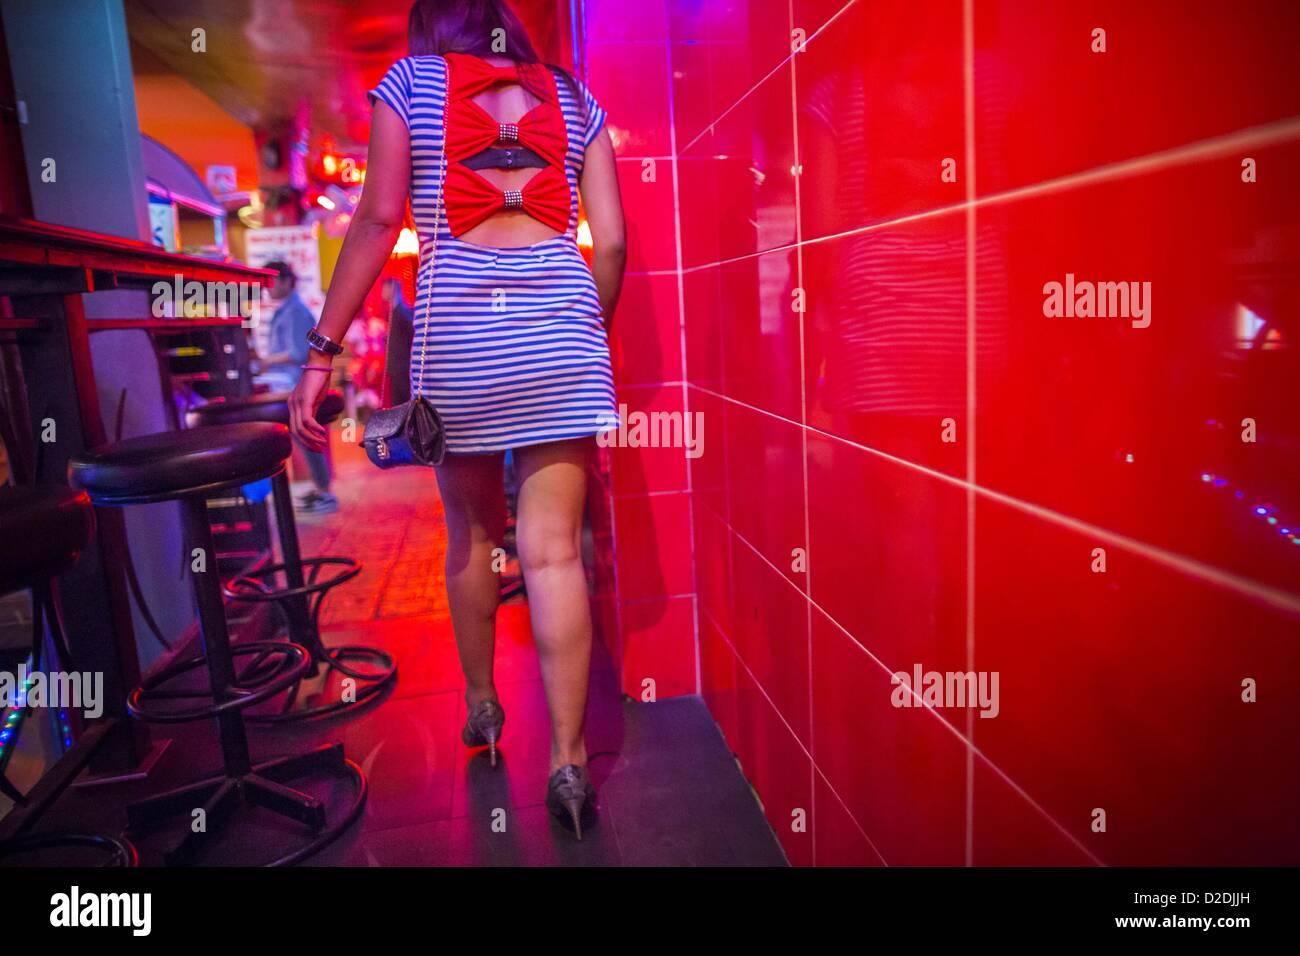 Секс проституток екатеринбург, Проститутки Екатеринбурга - индивидуалки 10 фотография